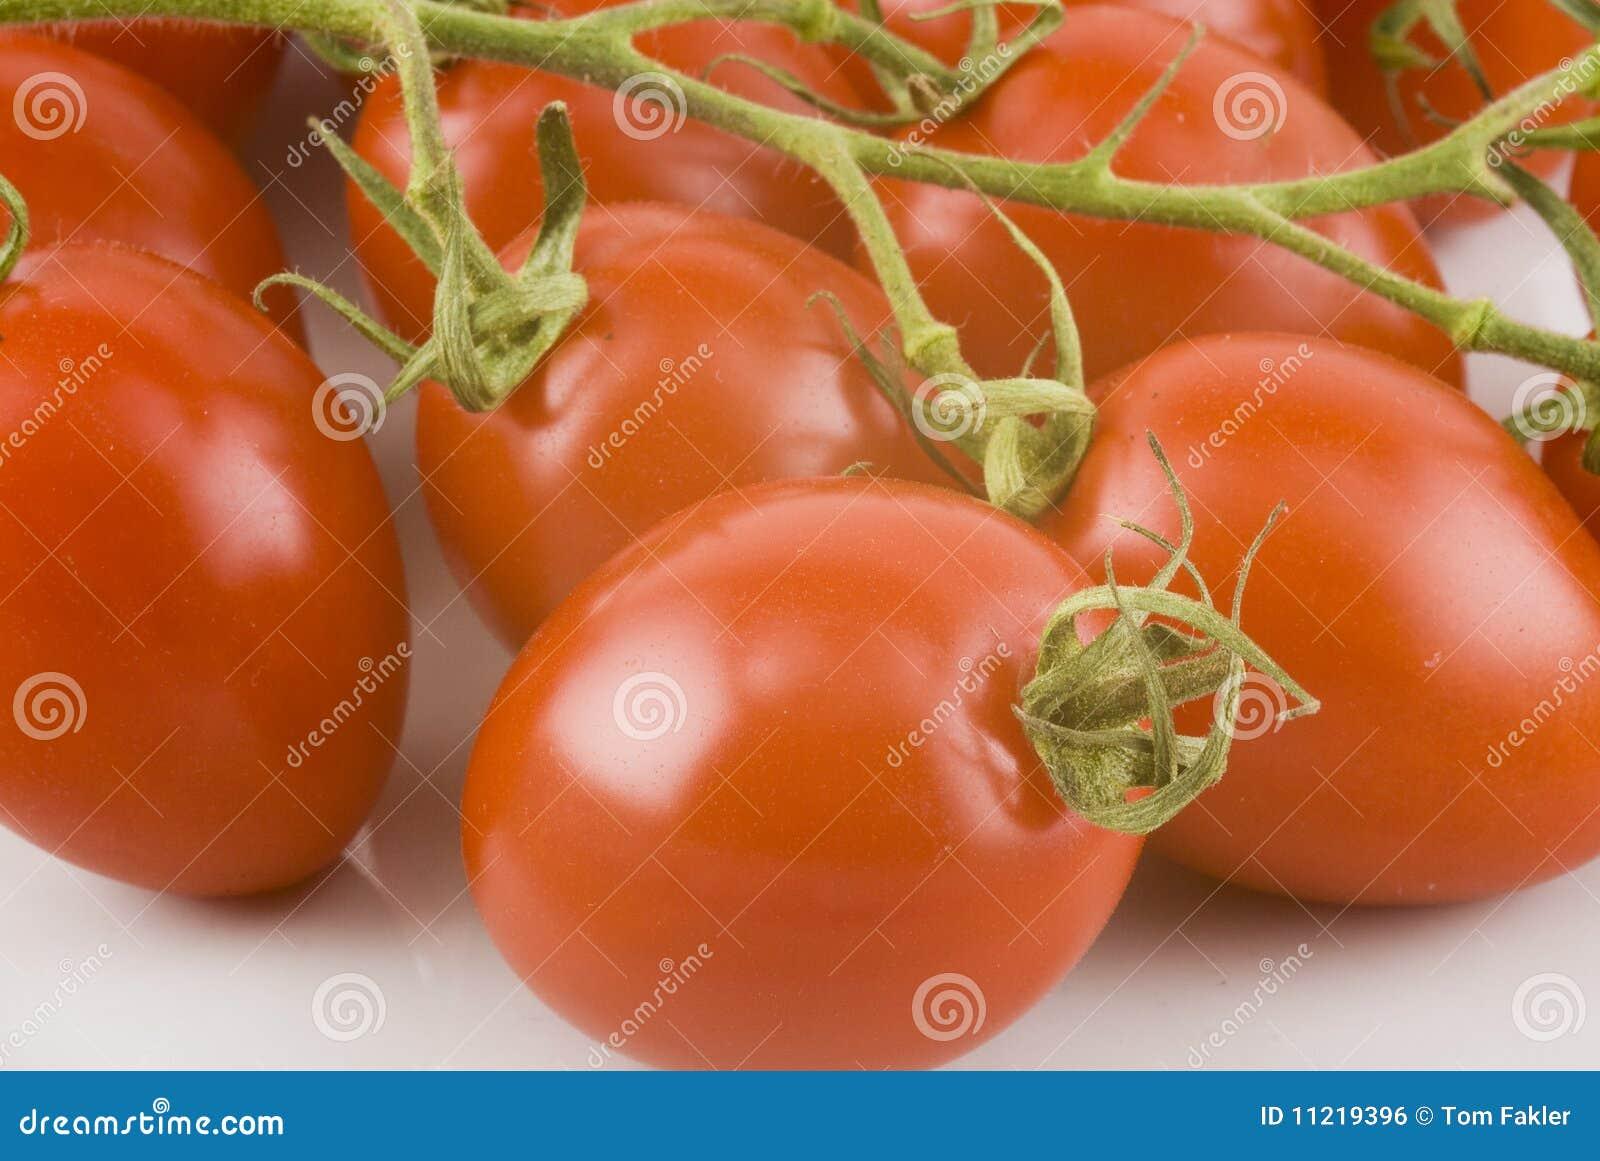 tomates italiennes sur la vigne image libre de droits image 11219396. Black Bedroom Furniture Sets. Home Design Ideas